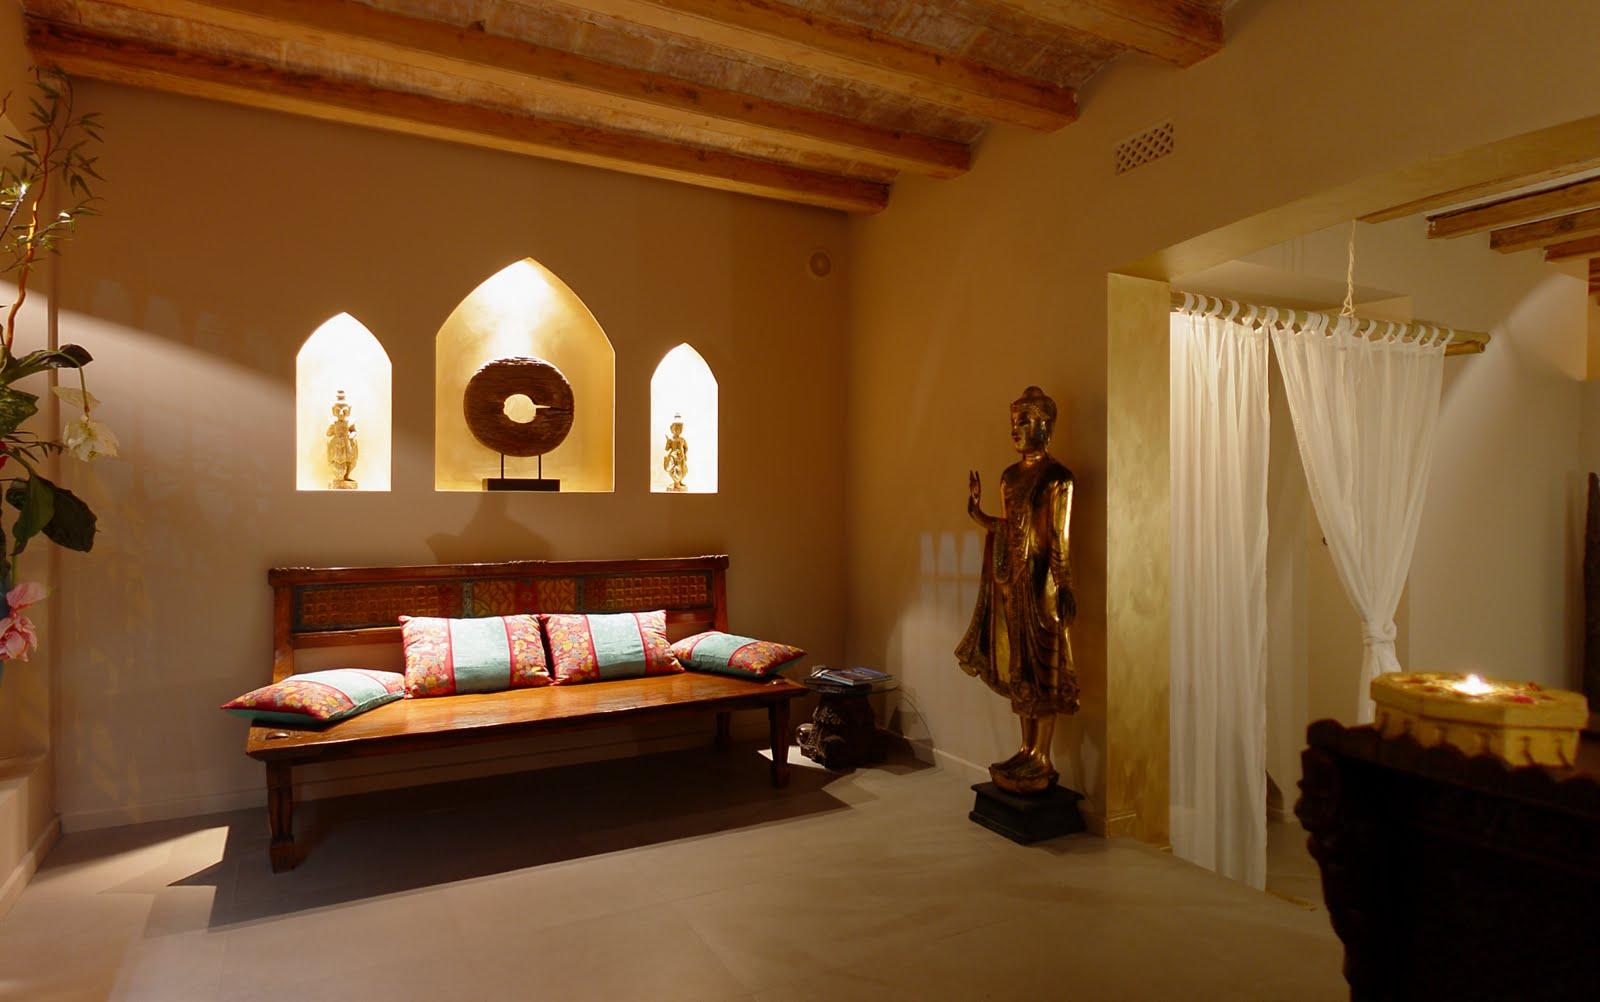 Spas silom spa s nia graupera graupix - Muebles de tailandia ...